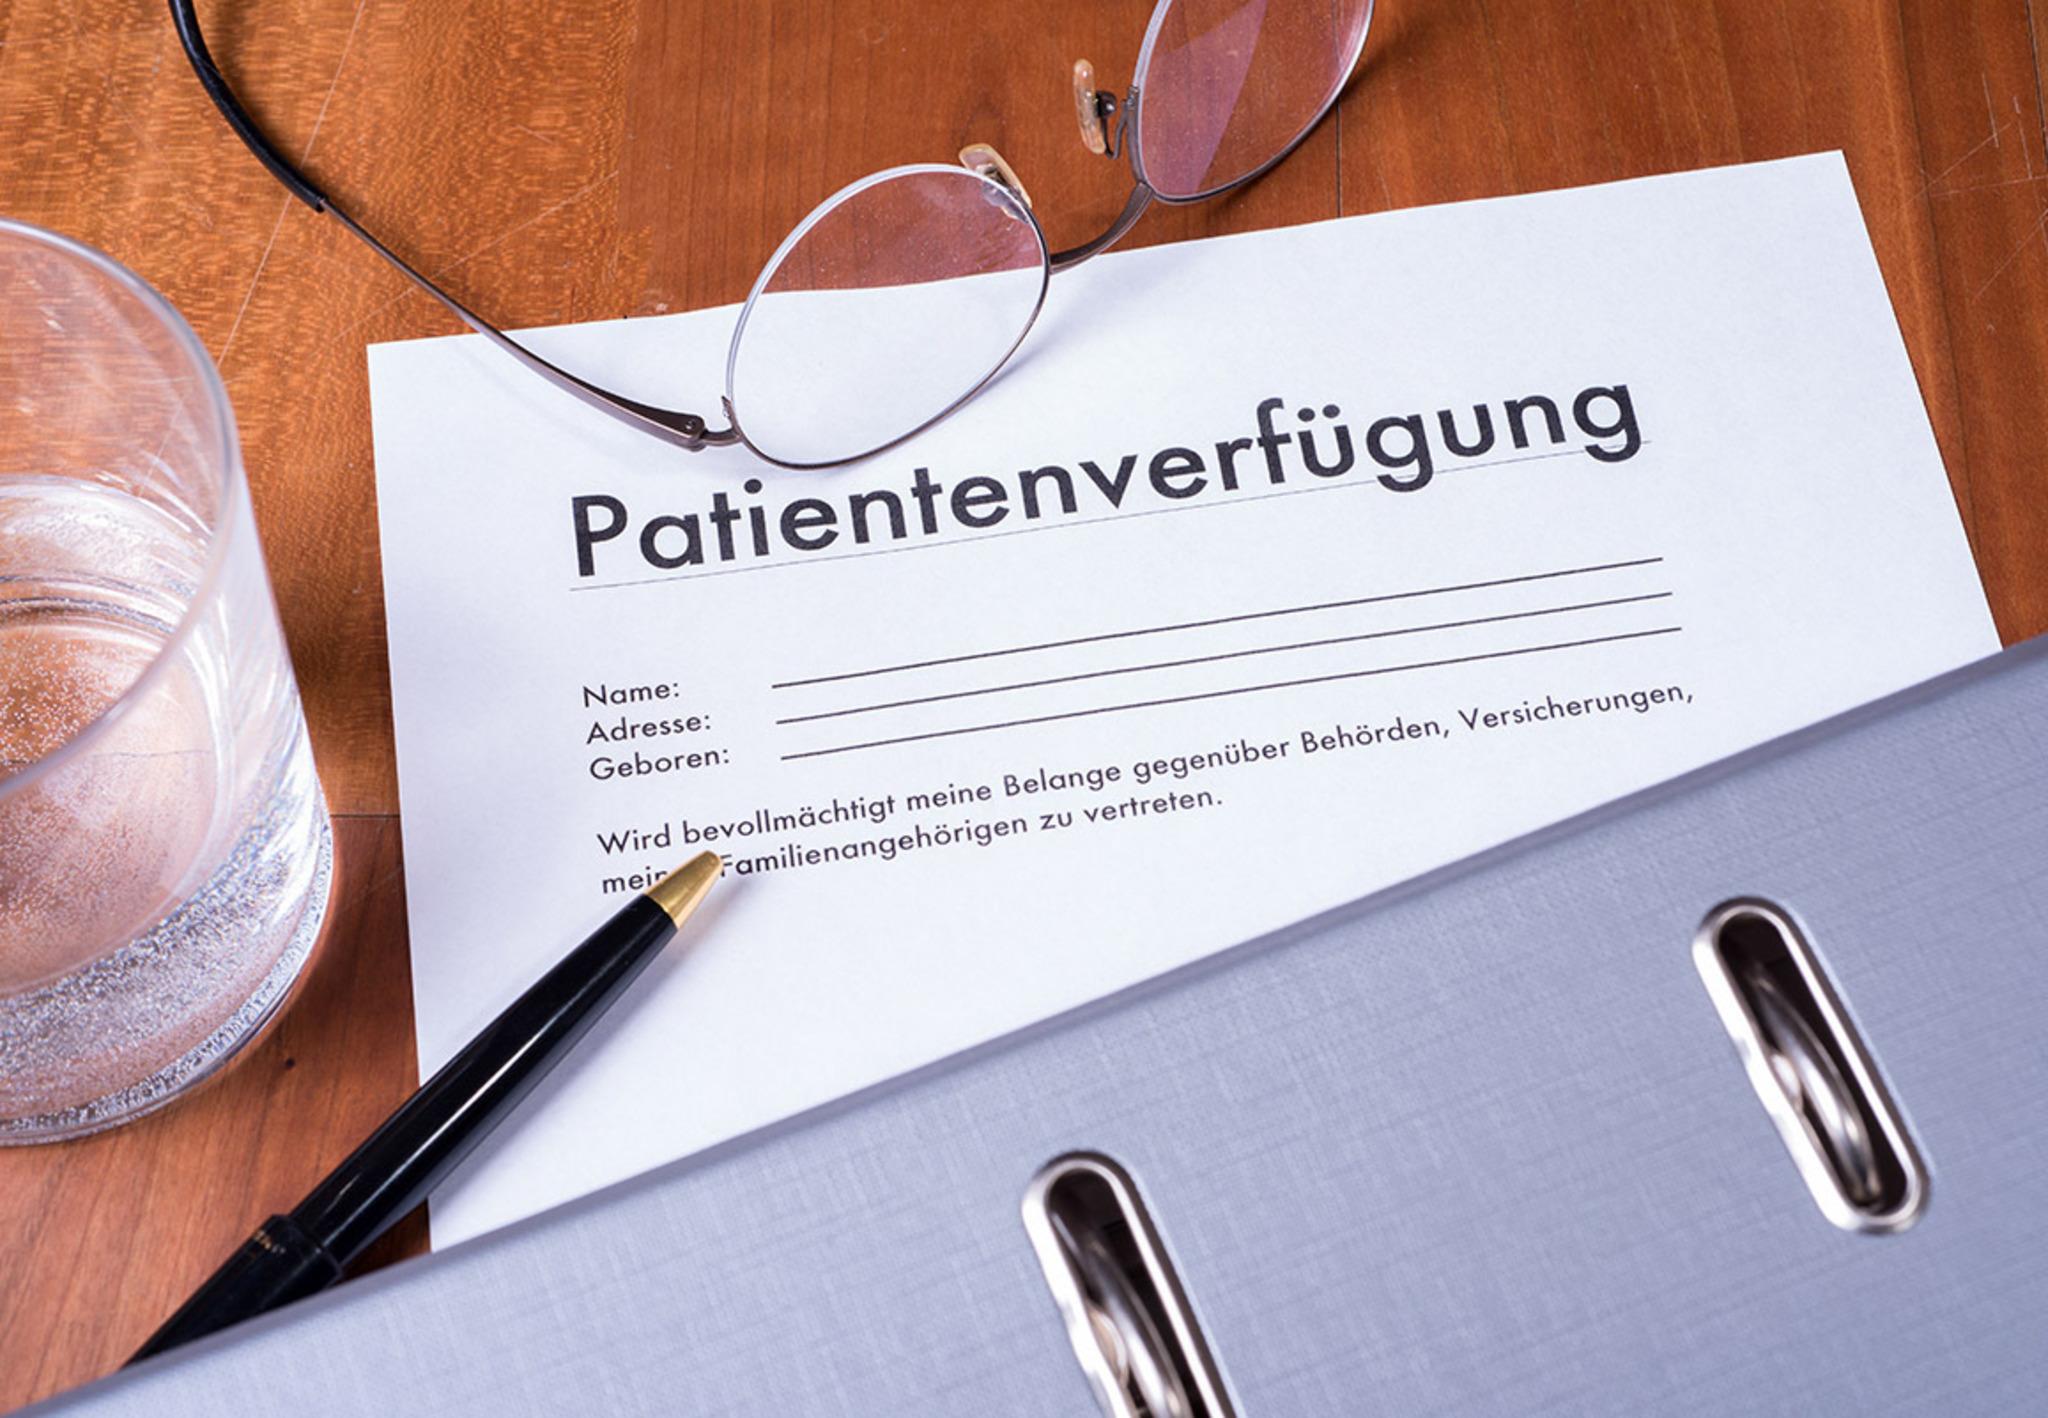 Patientenverfügung Notar